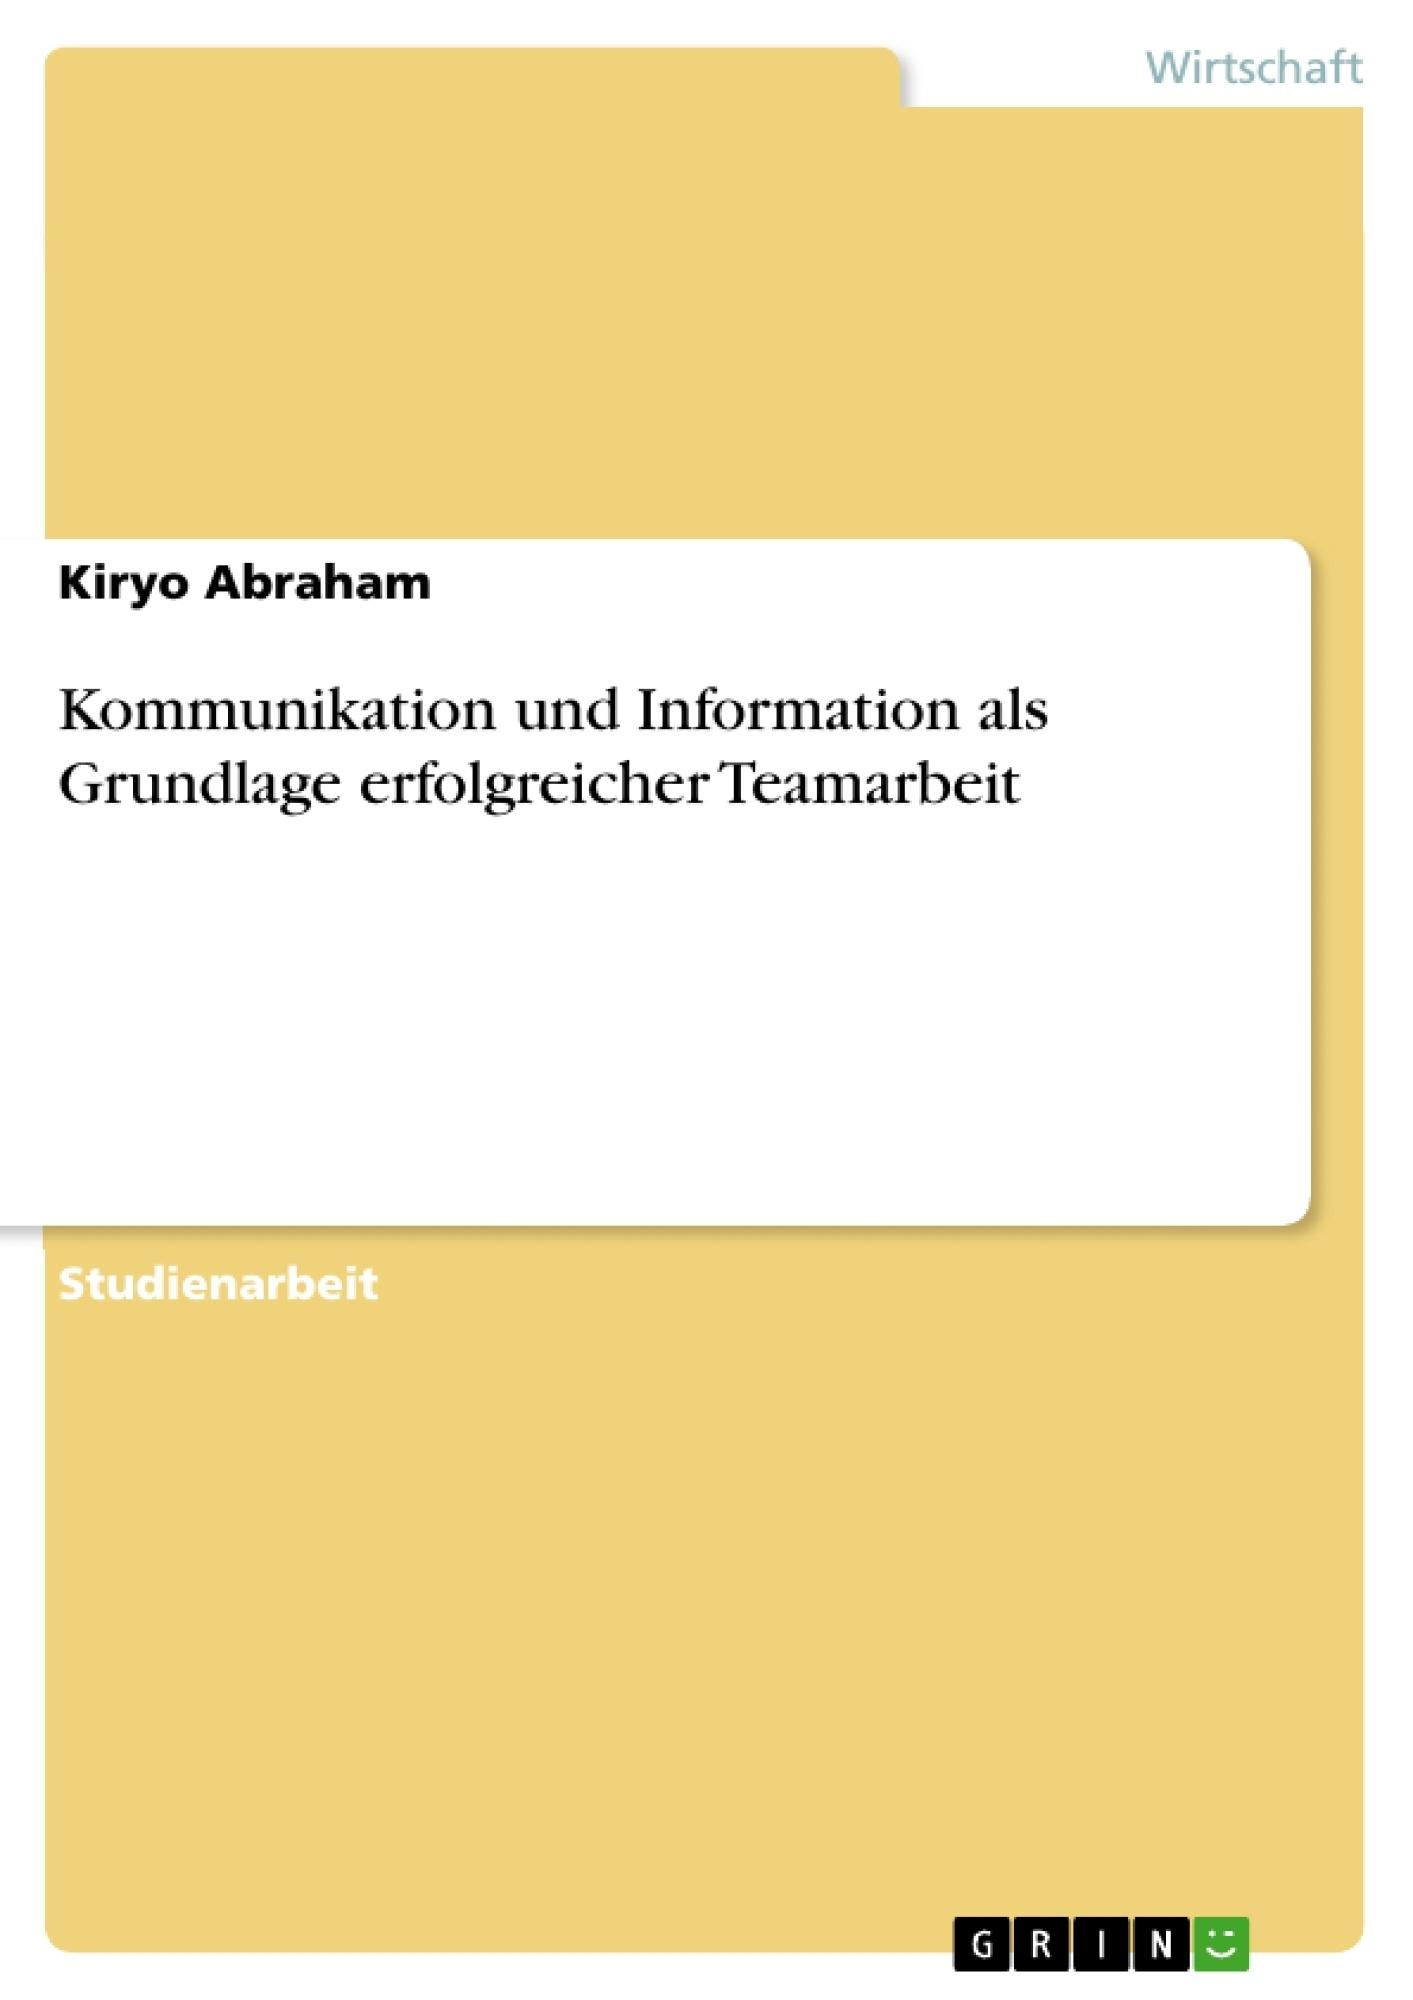 Titel: Kommunikation und Information als Grundlage erfolgreicher Teamarbeit